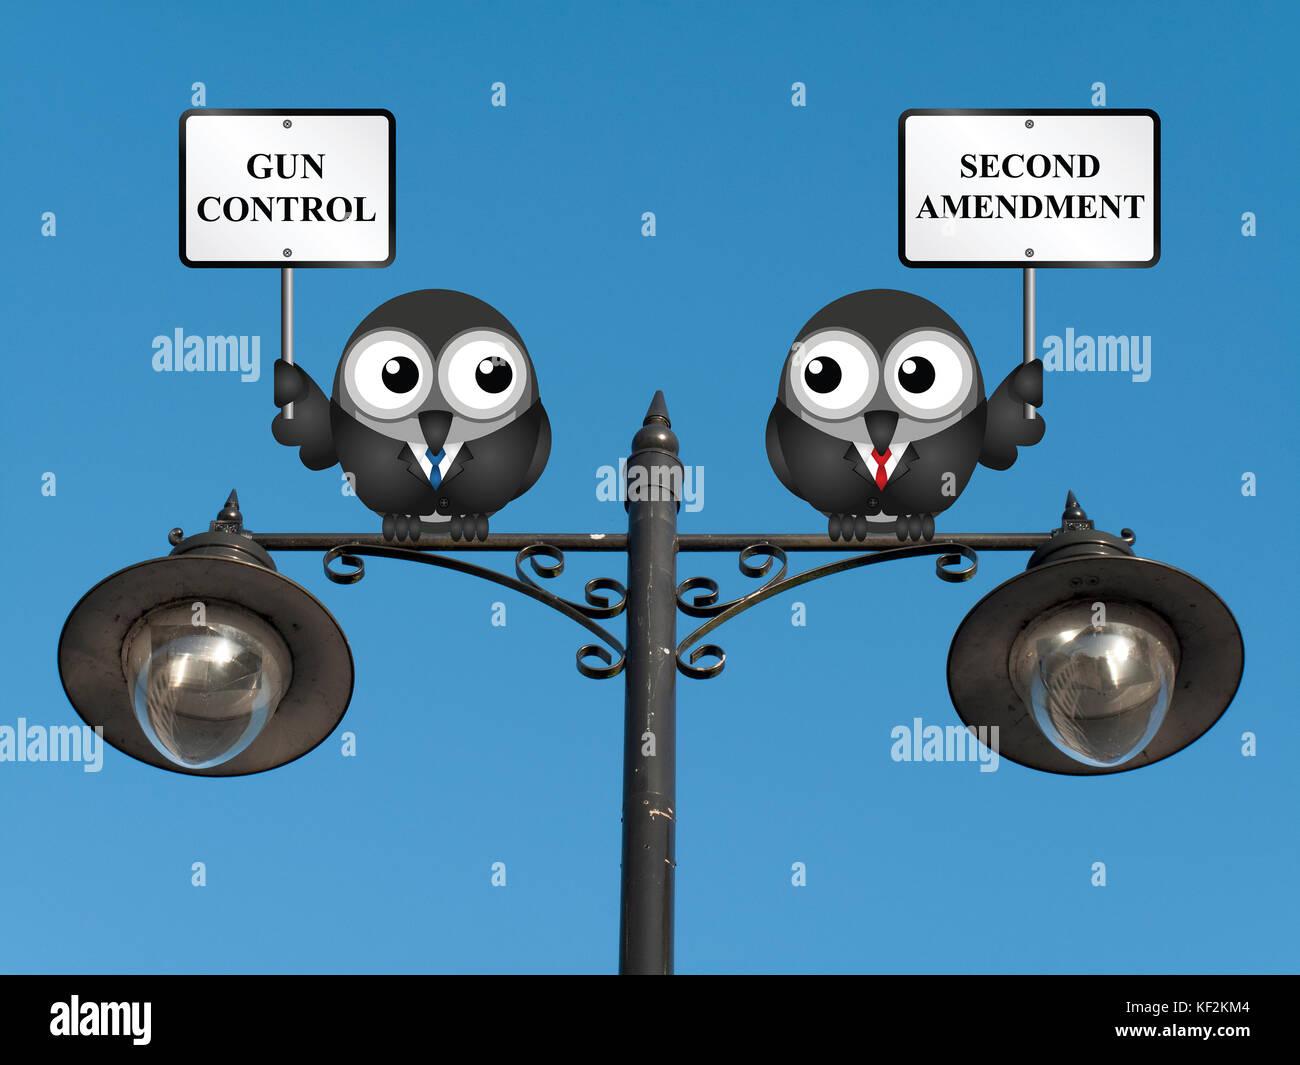 gun control and the second amendmet